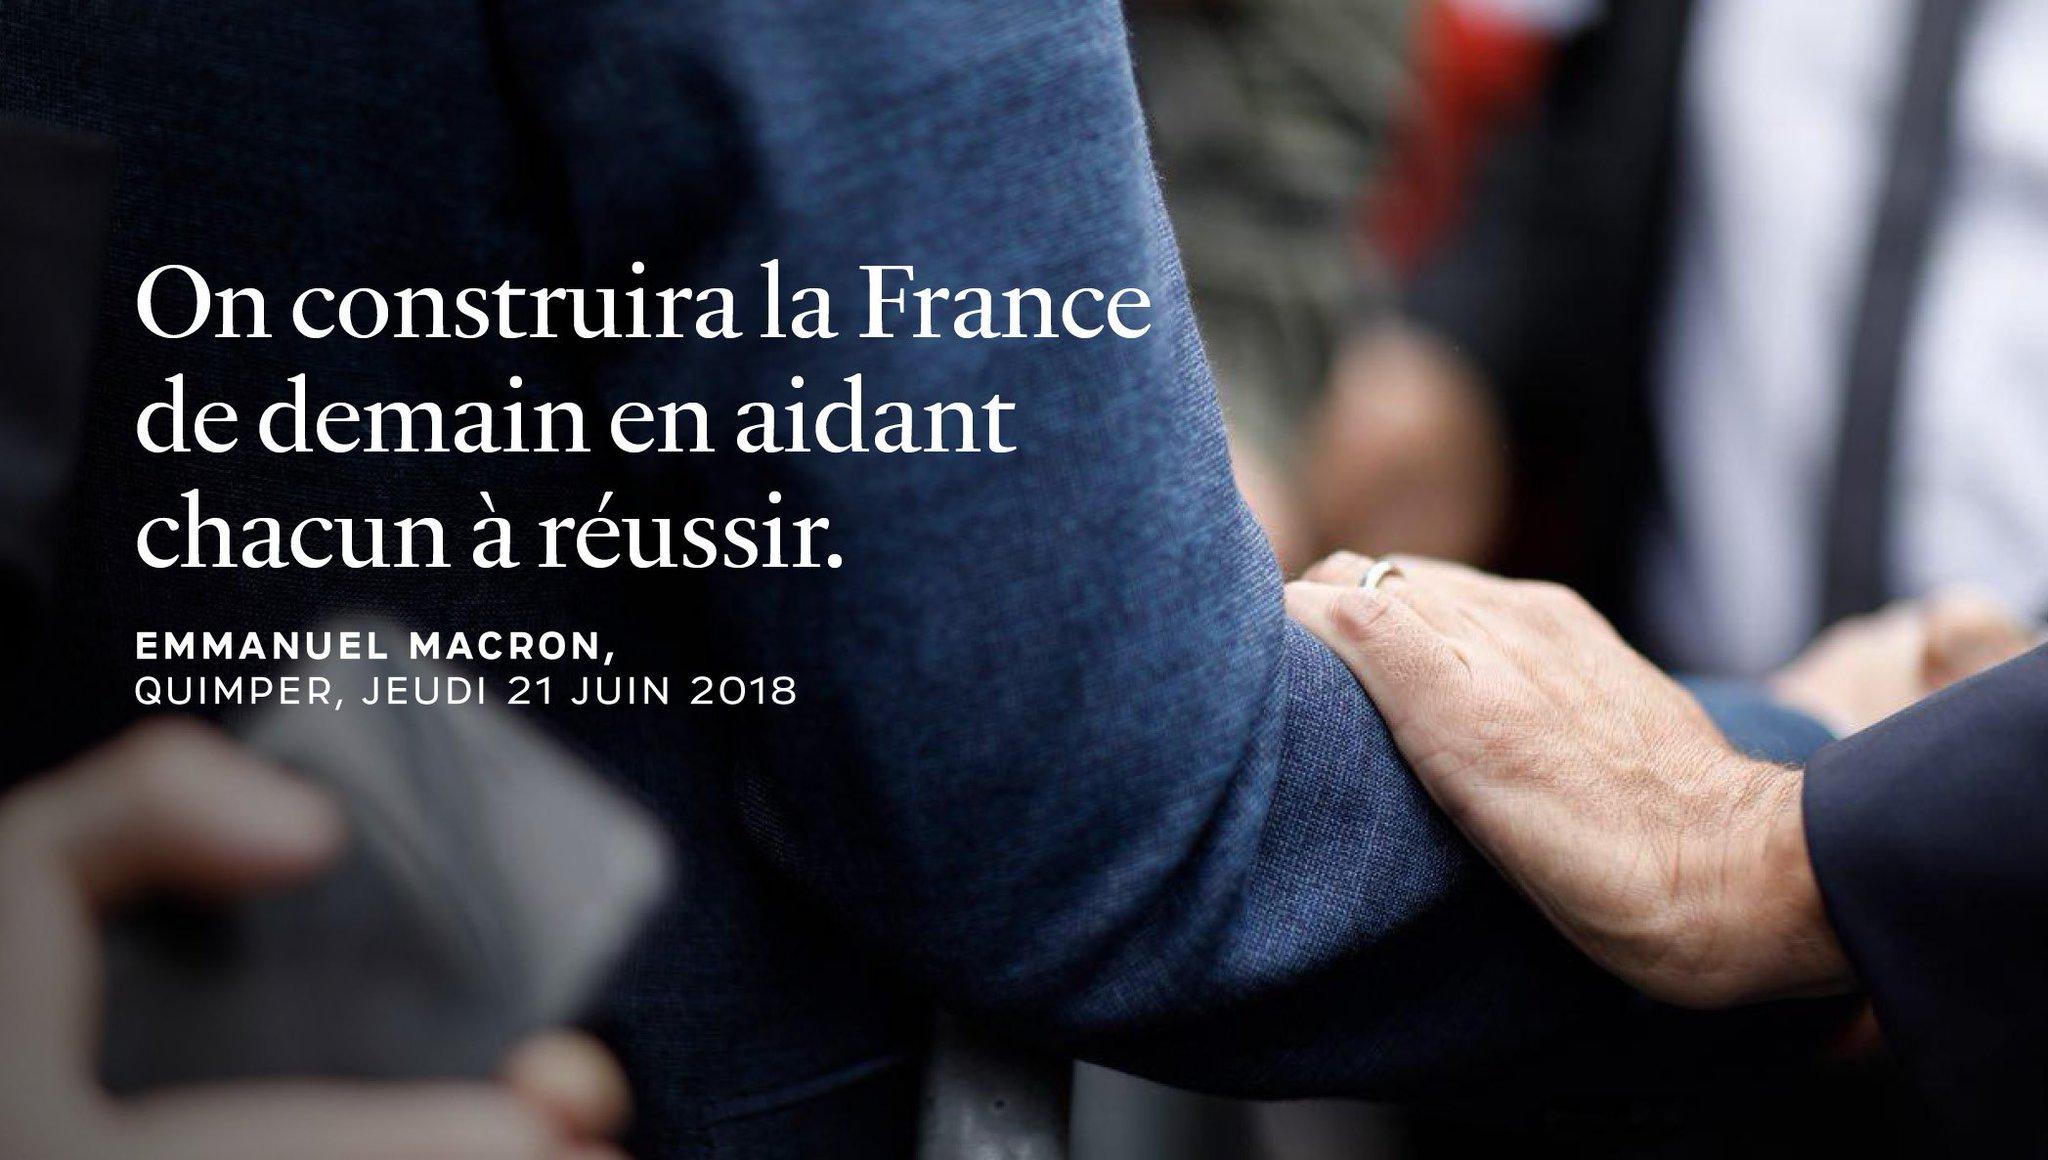 Je ne crois pas une seule seconde qu'on construira la France de demain uniquement avec des métropoles. https://t.co/lri5zN9CLT